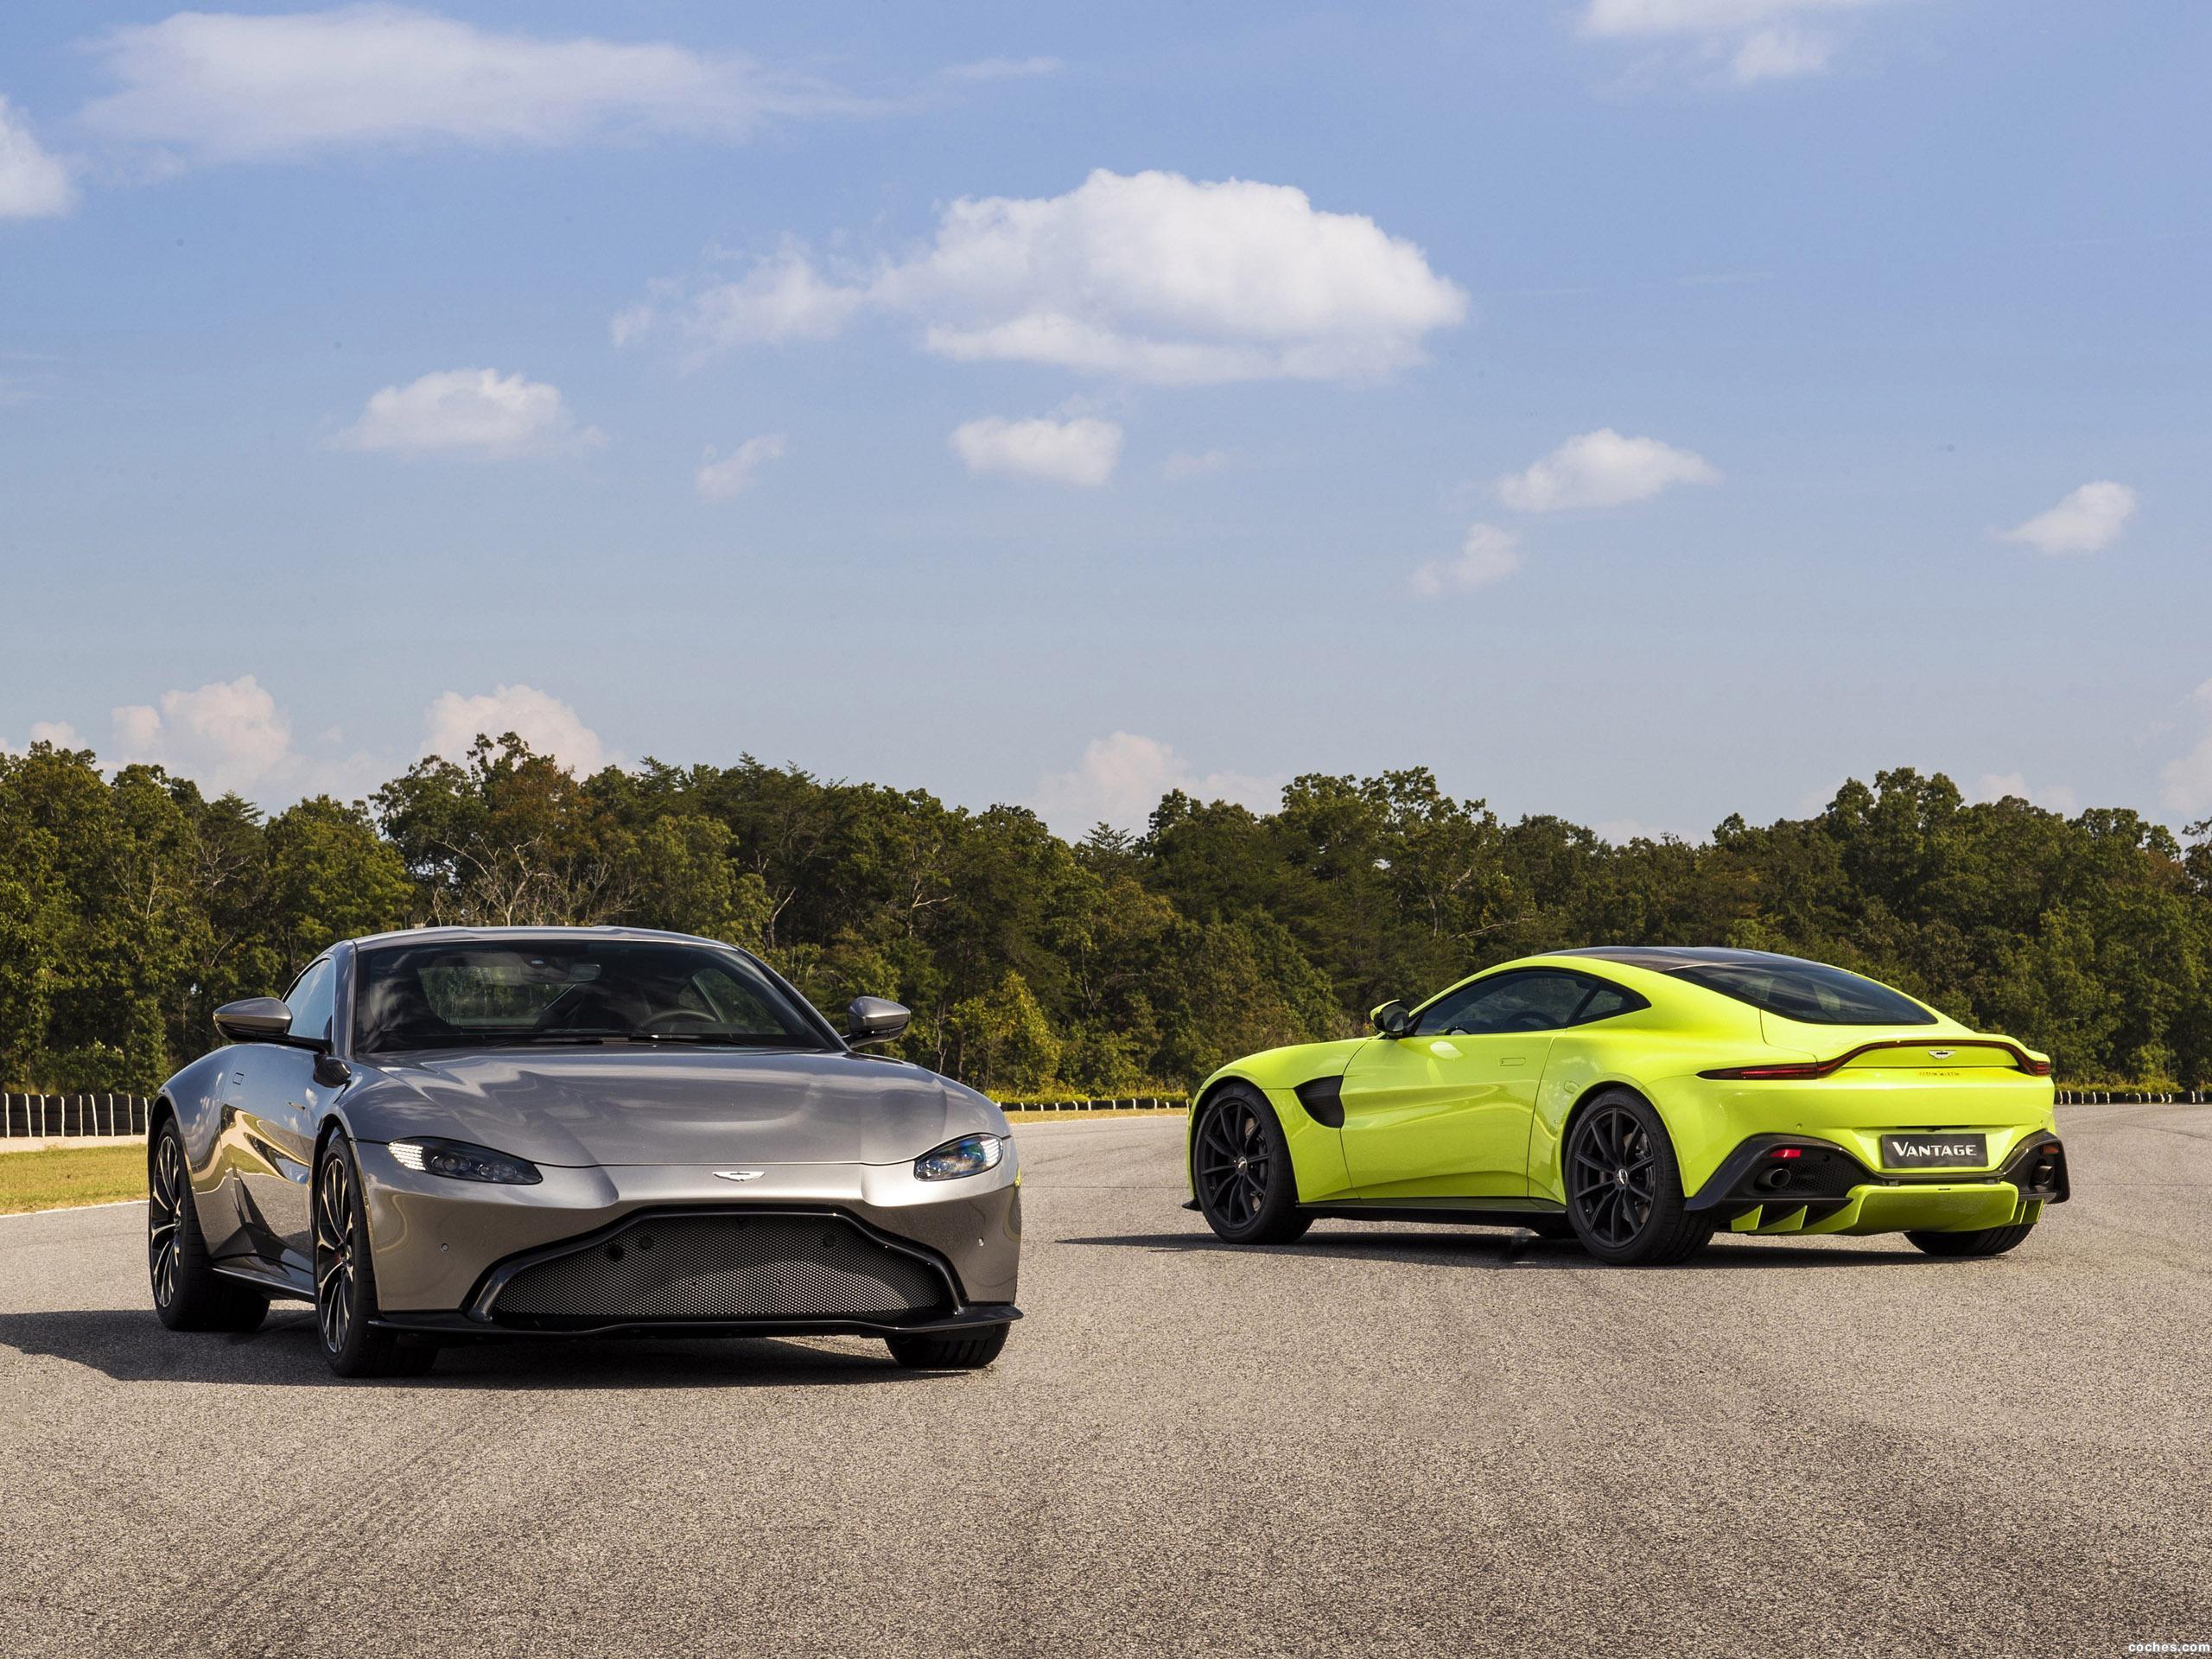 Foto 12 de Aston Martin Vantage 2018